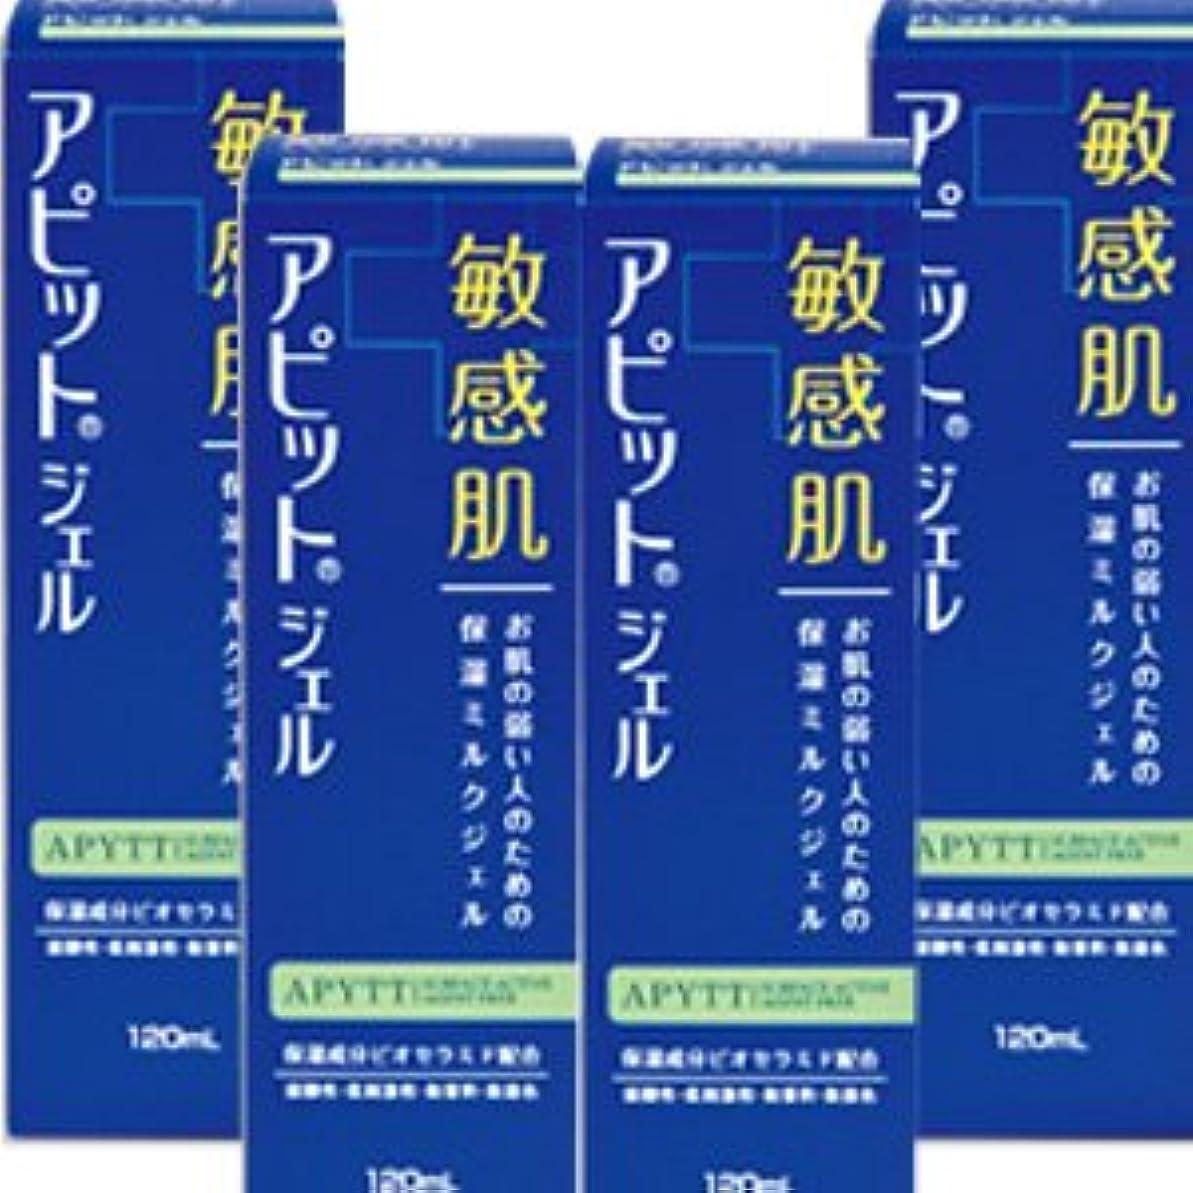 短命タンクキャンバス【4個】全薬工業 アピットジェルS 120mlx4個セット (4987305034625)